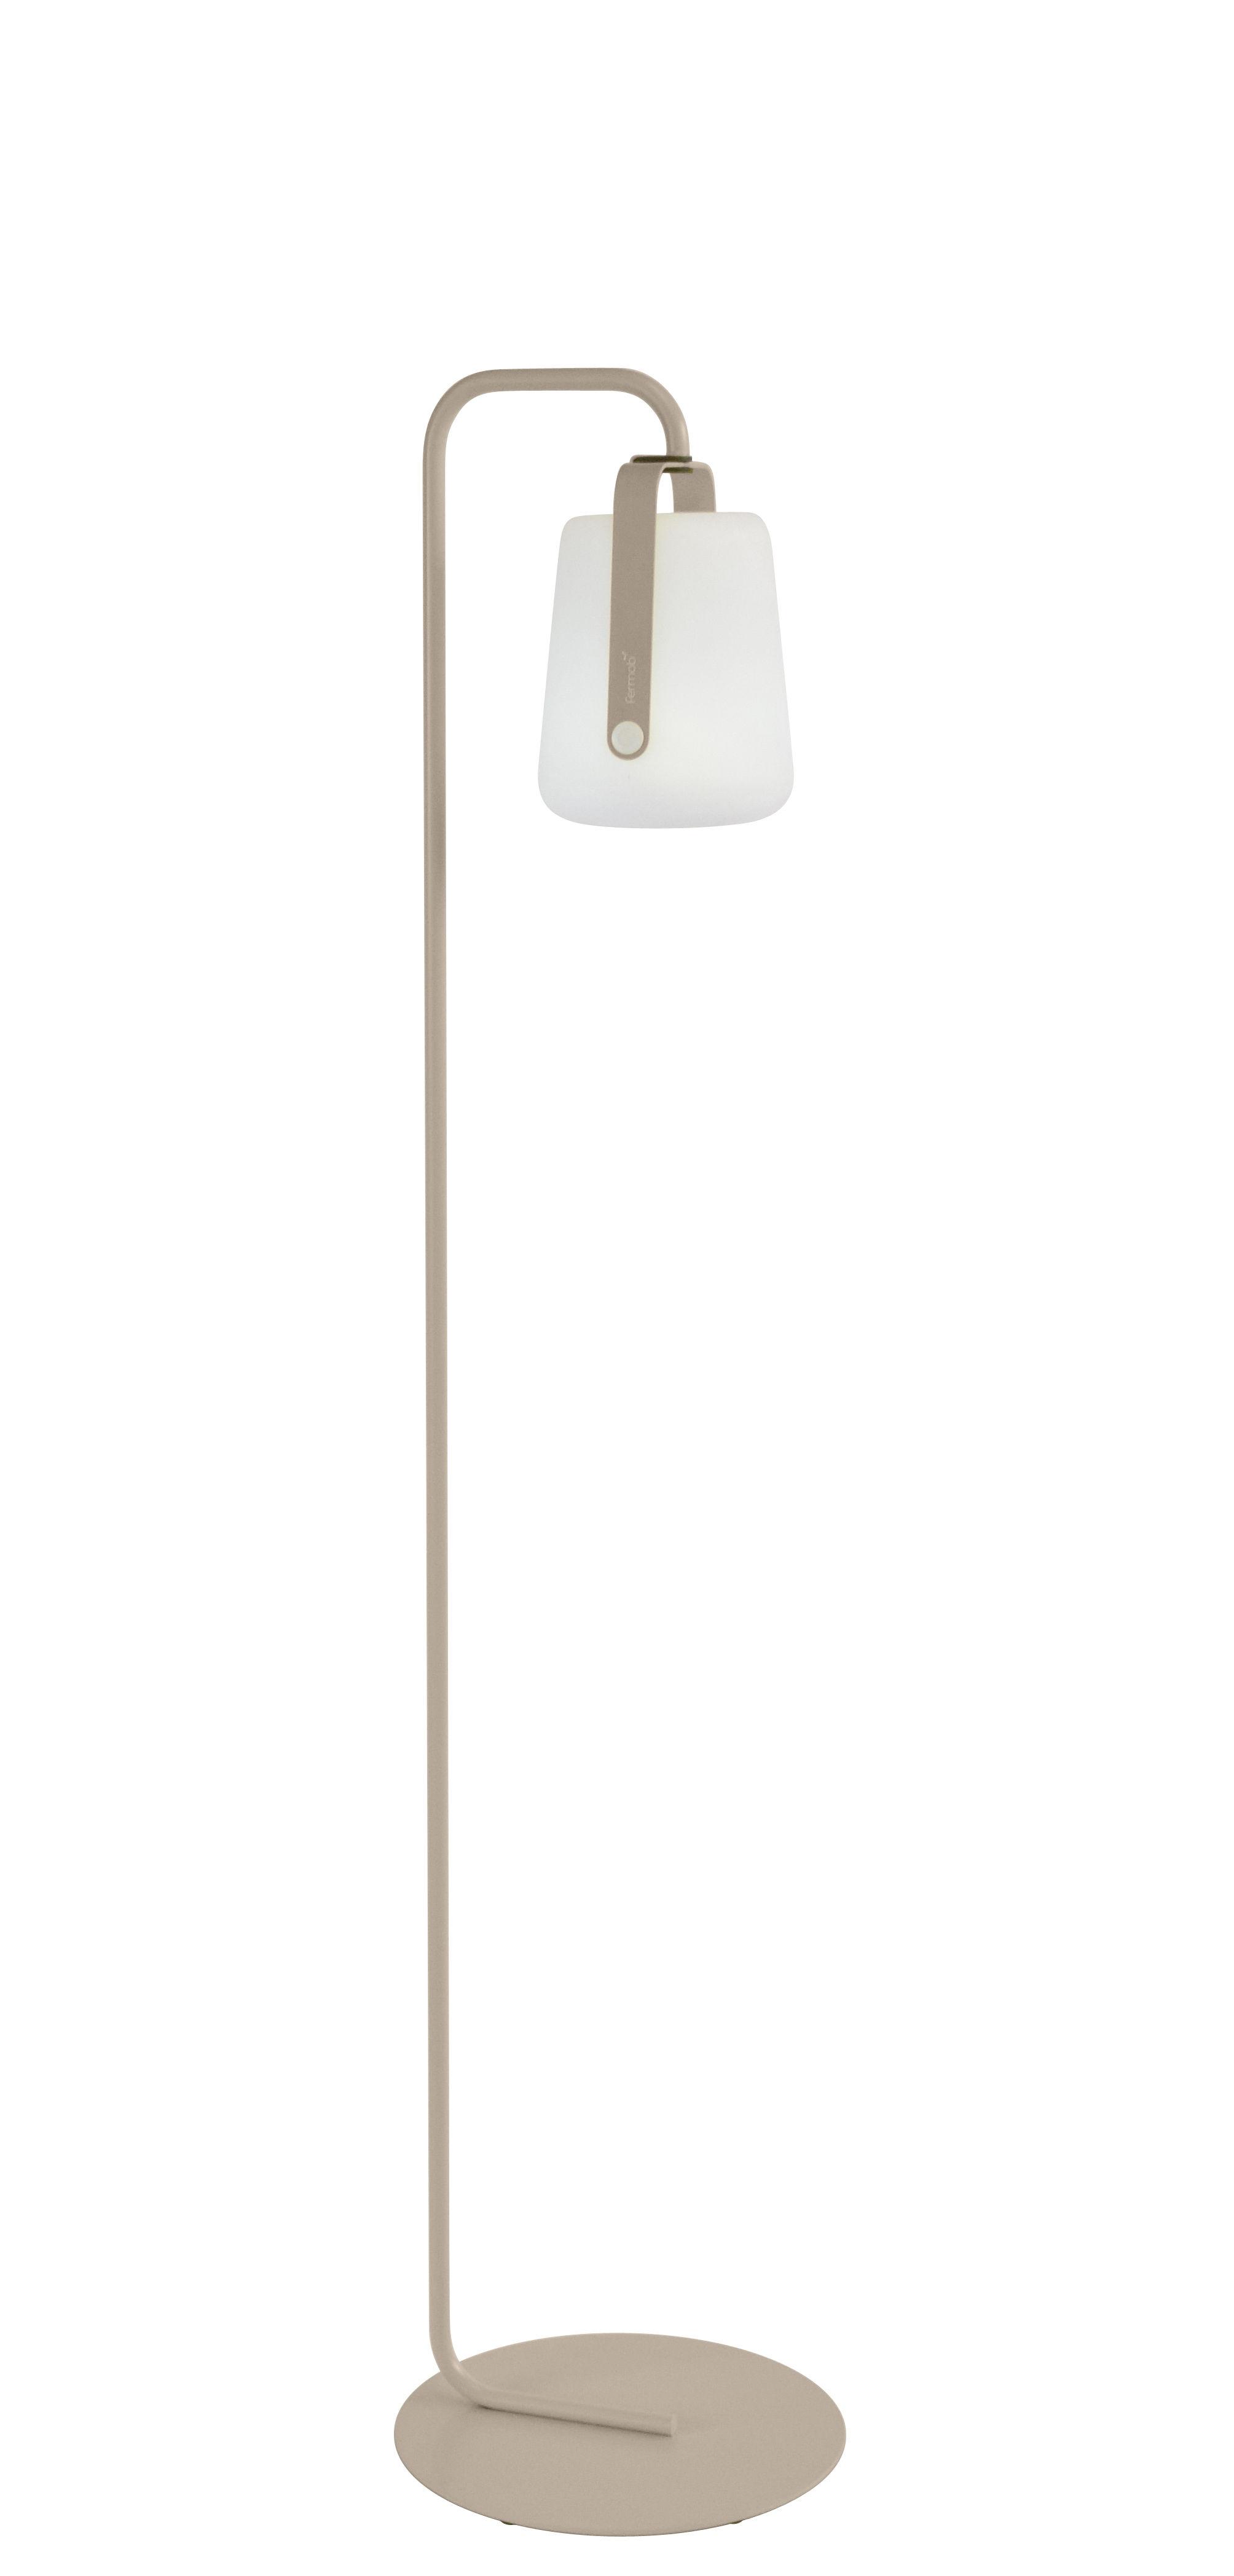 Lighting - Floor lamps - Base, legs by Fermob - Nutmeg - Steel